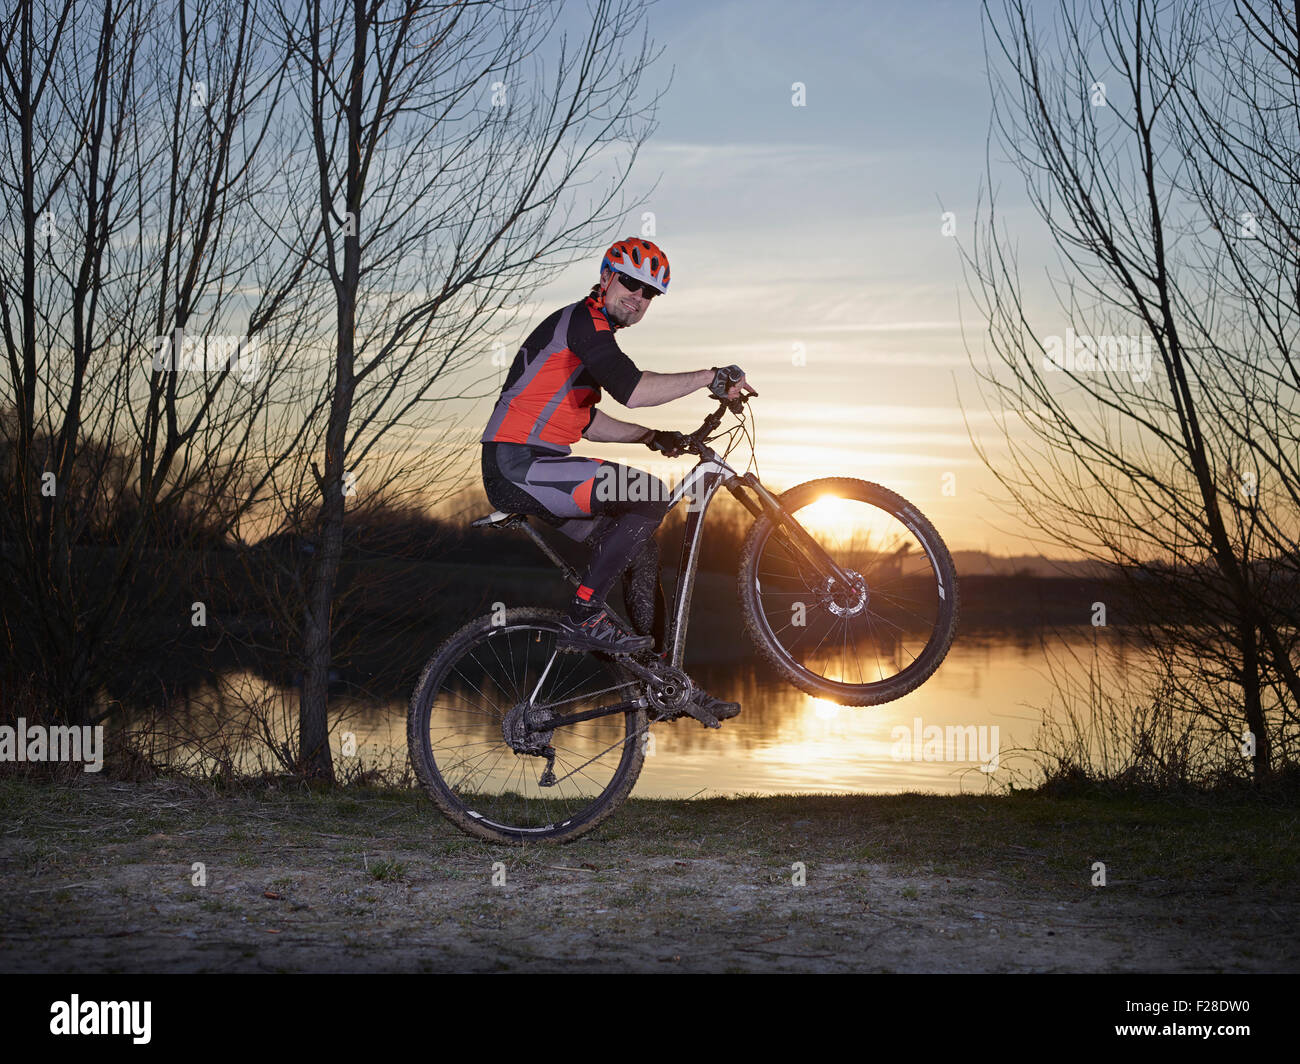 Hombre maduro, haciendo acrobacias en bicicleta de montaña durante la puesta de sol, Baviera, Alemania Imagen De Stock